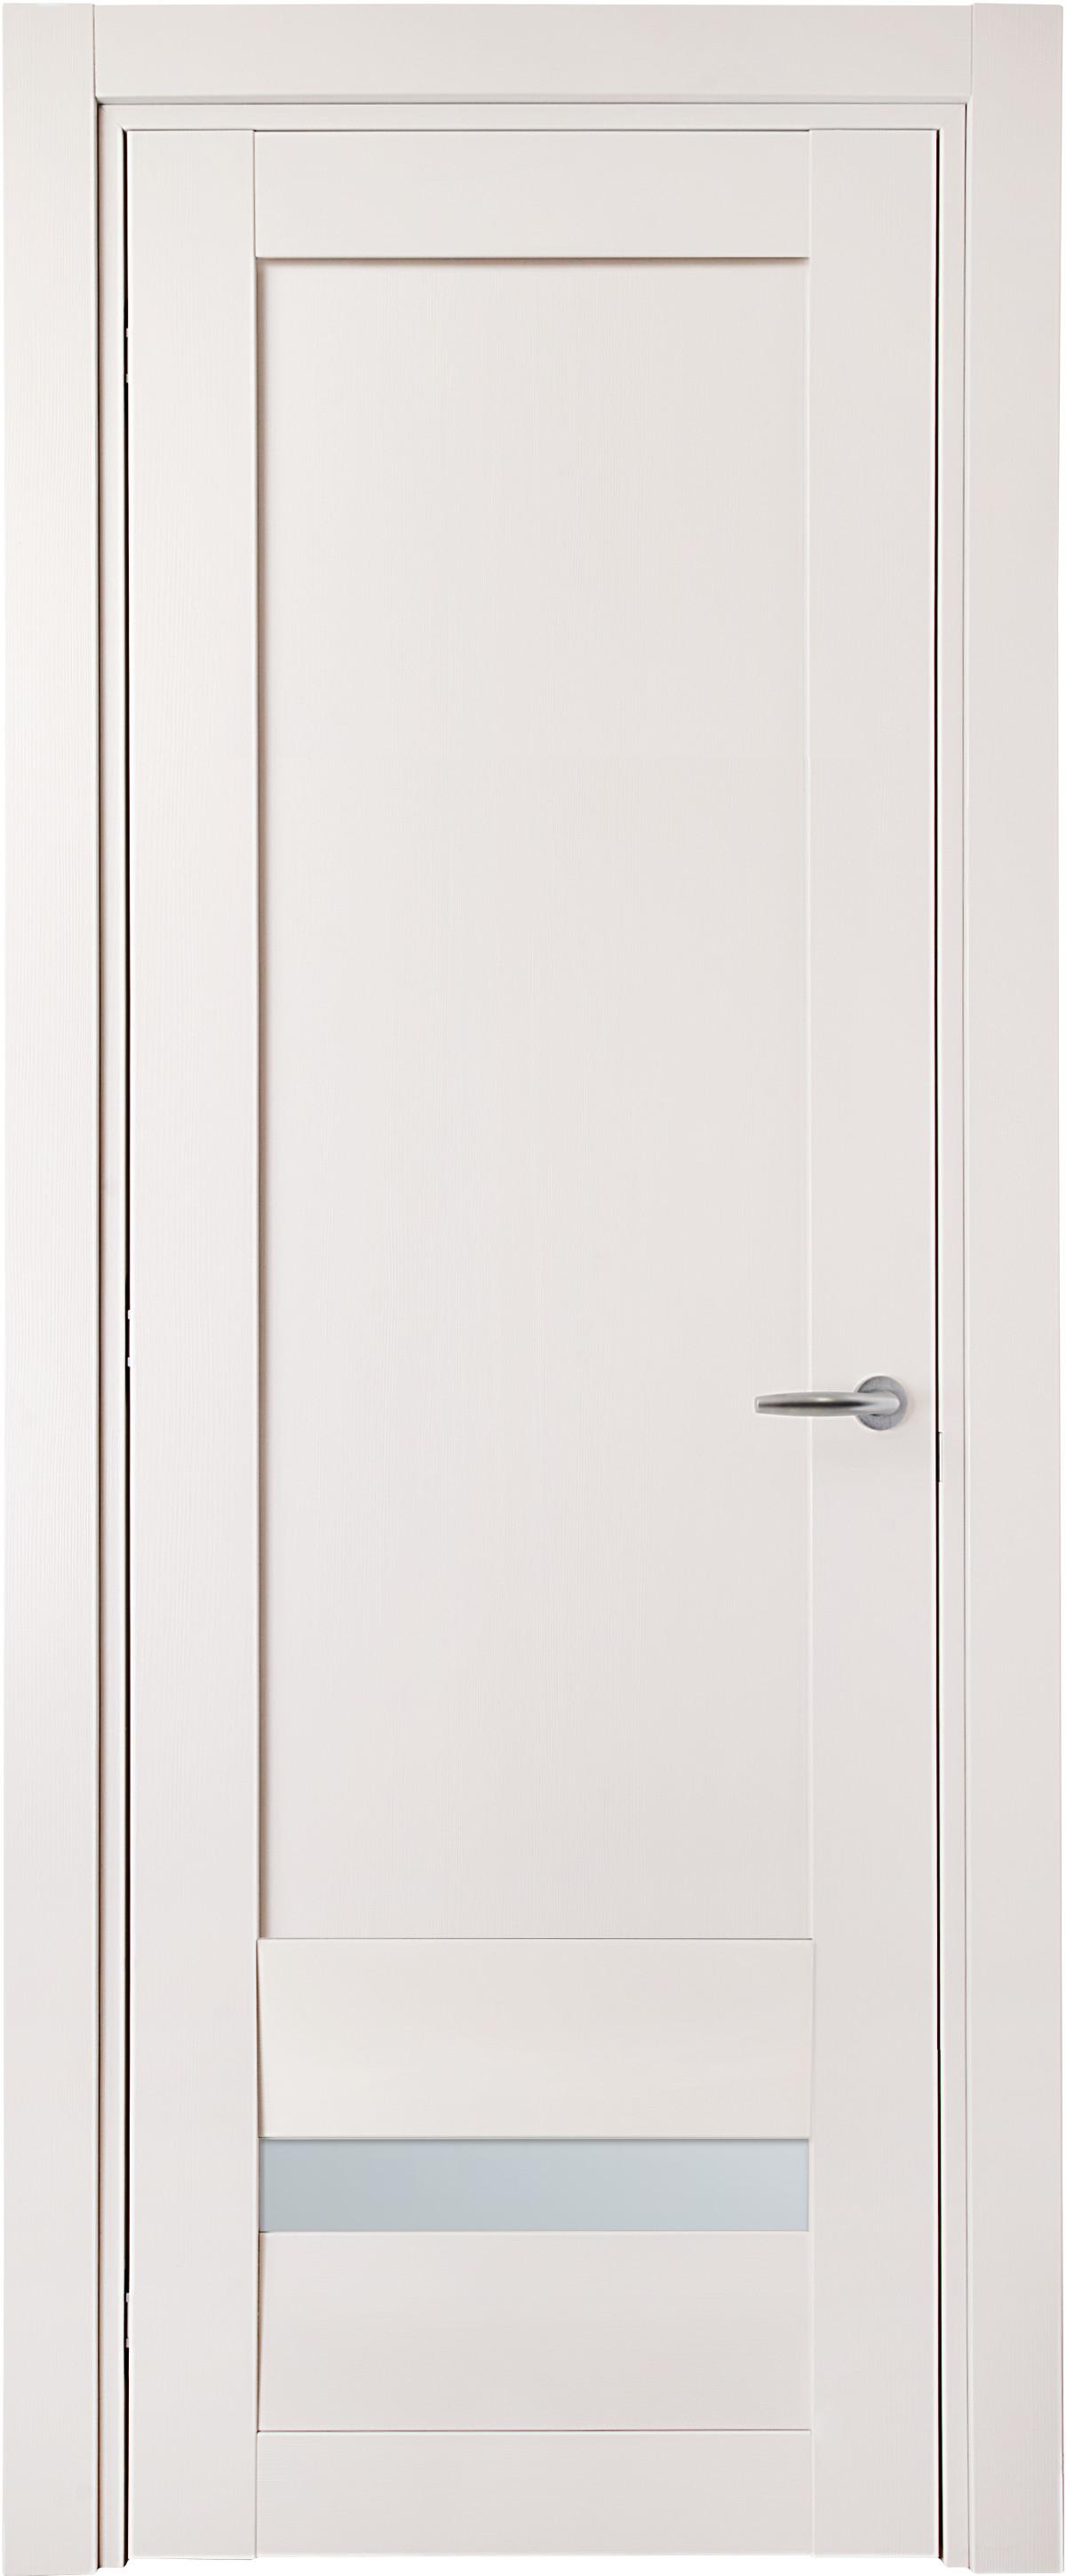 Межкомнатные двери Onda